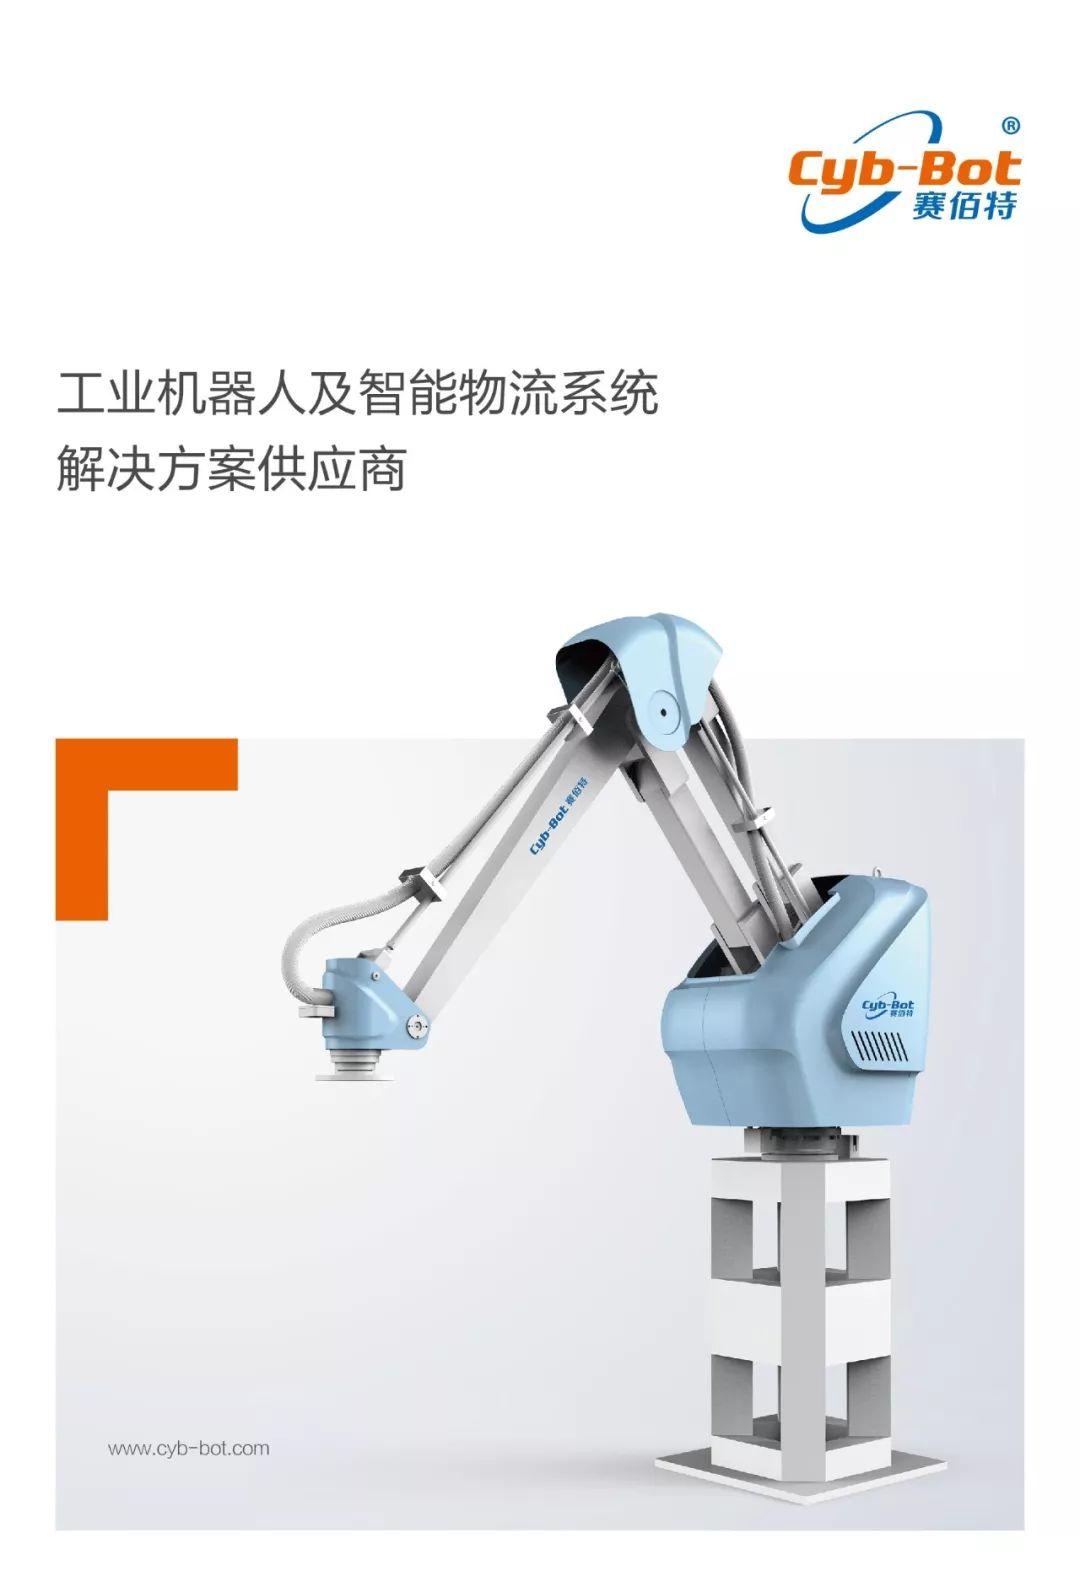 赛佰特工业机器人及智能物流系统解决方案